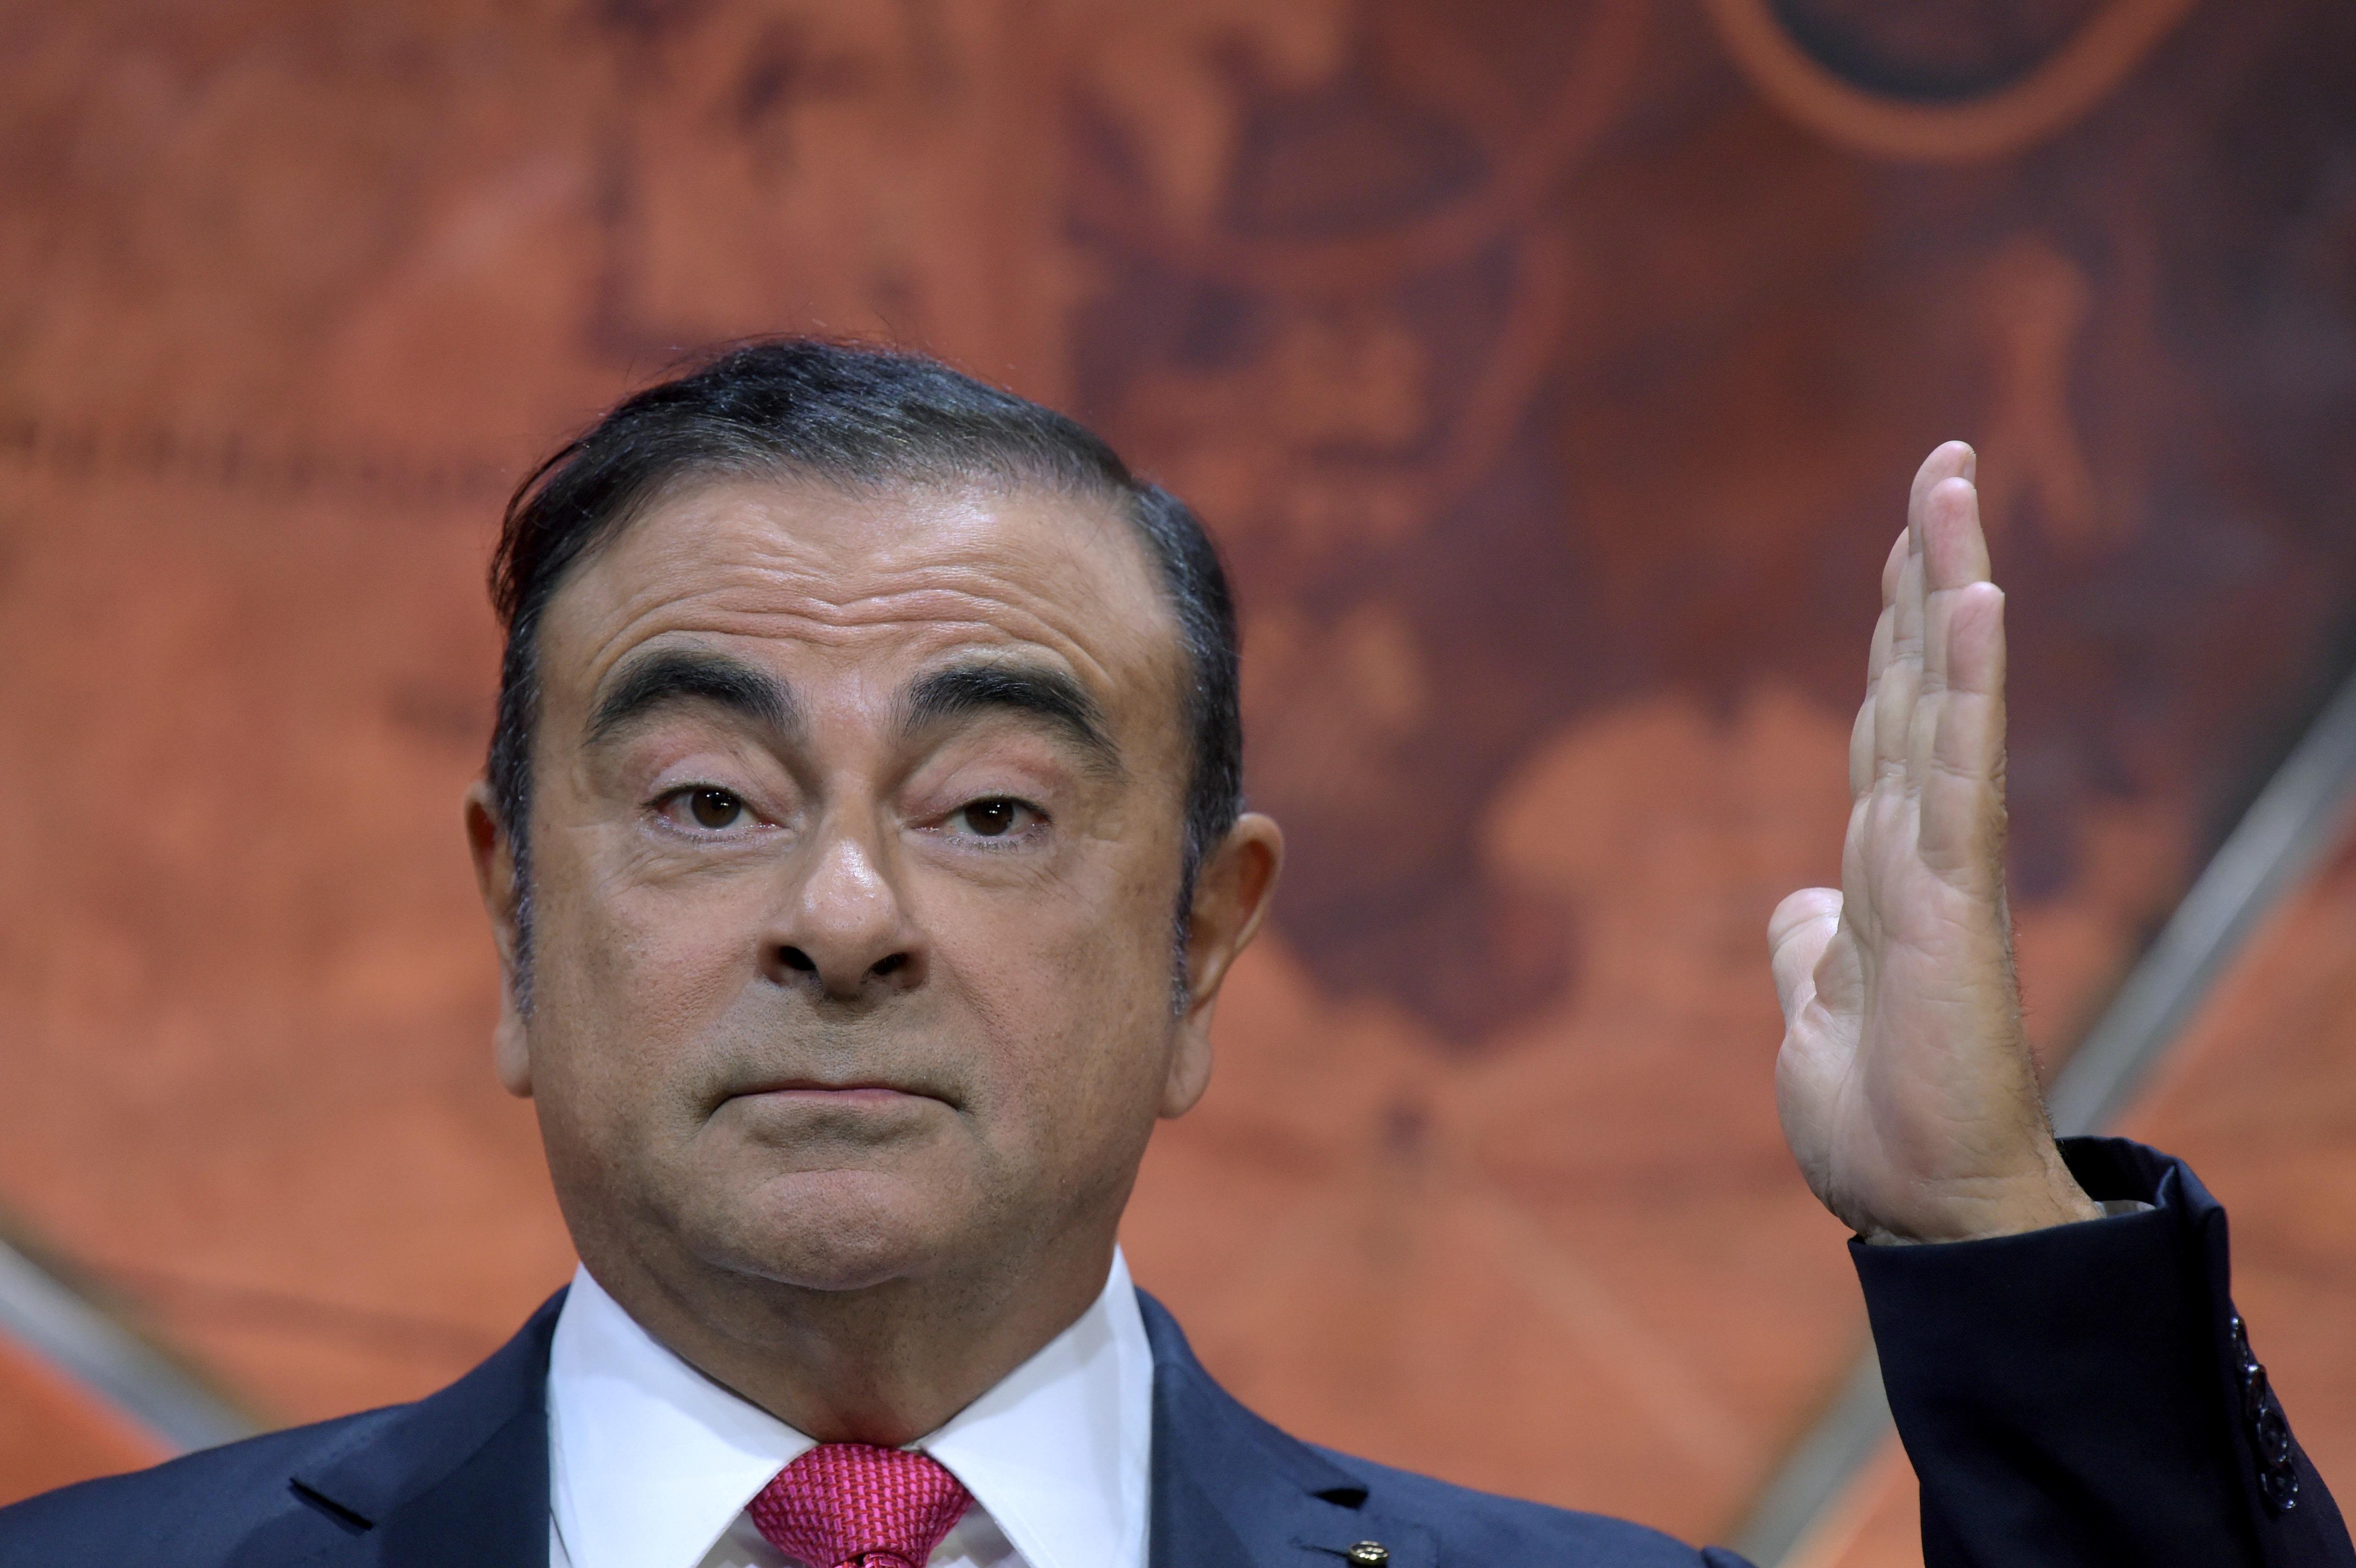 Libanonba menekült a japán igazságszolgáltatás elől a Nissan volt főnöke